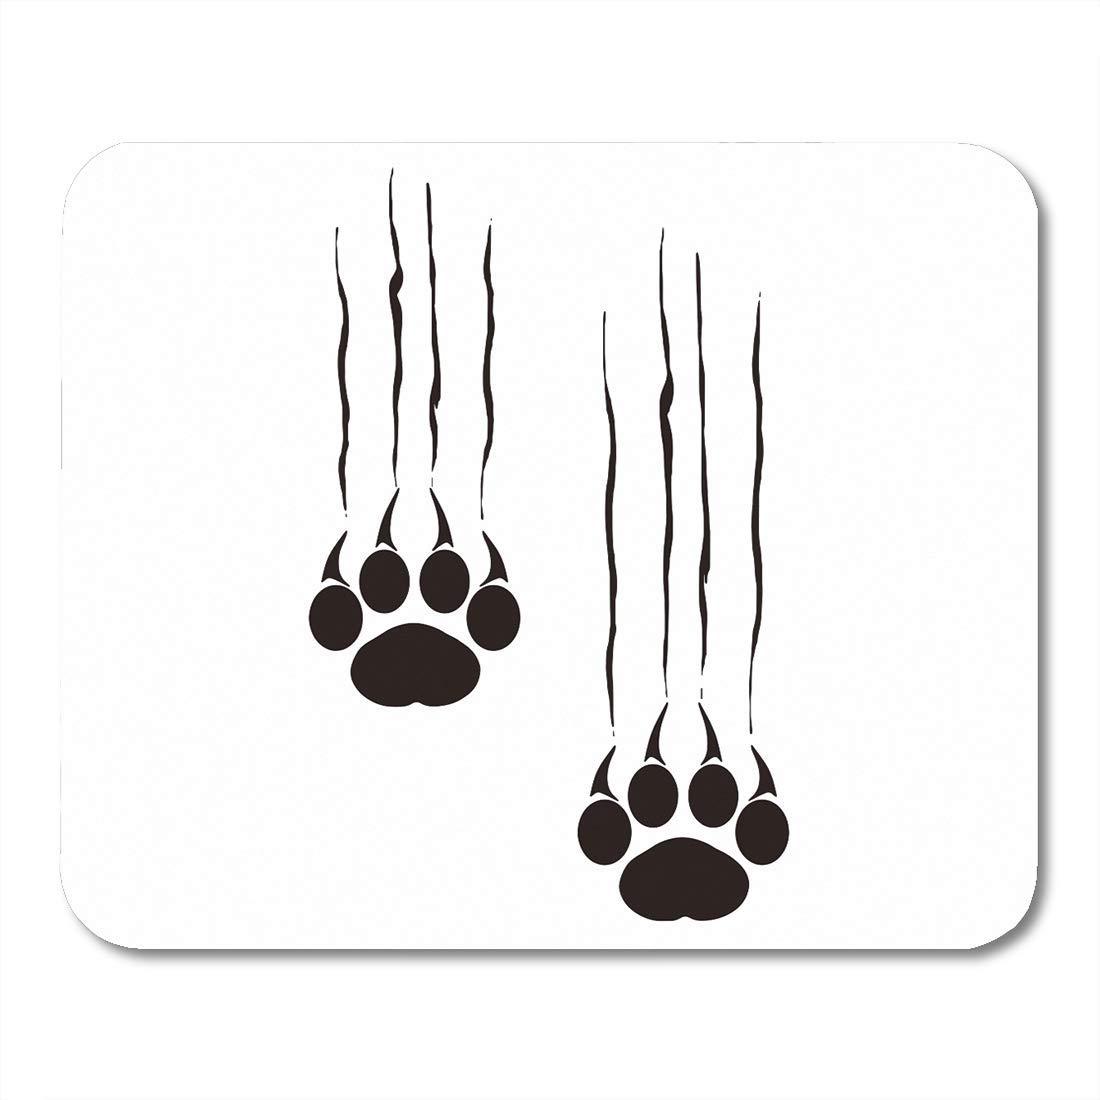 VANKINE マウスパッド ブラウン ウェイナー ダックスフンド 犬 カラフル 動物 ブラック 犬種 漫画 9.5インチ x 7.9インチ ノートブック デスクトップ コンピューター アクセサリー ミニ オフィス用品 マウスマット 9.5